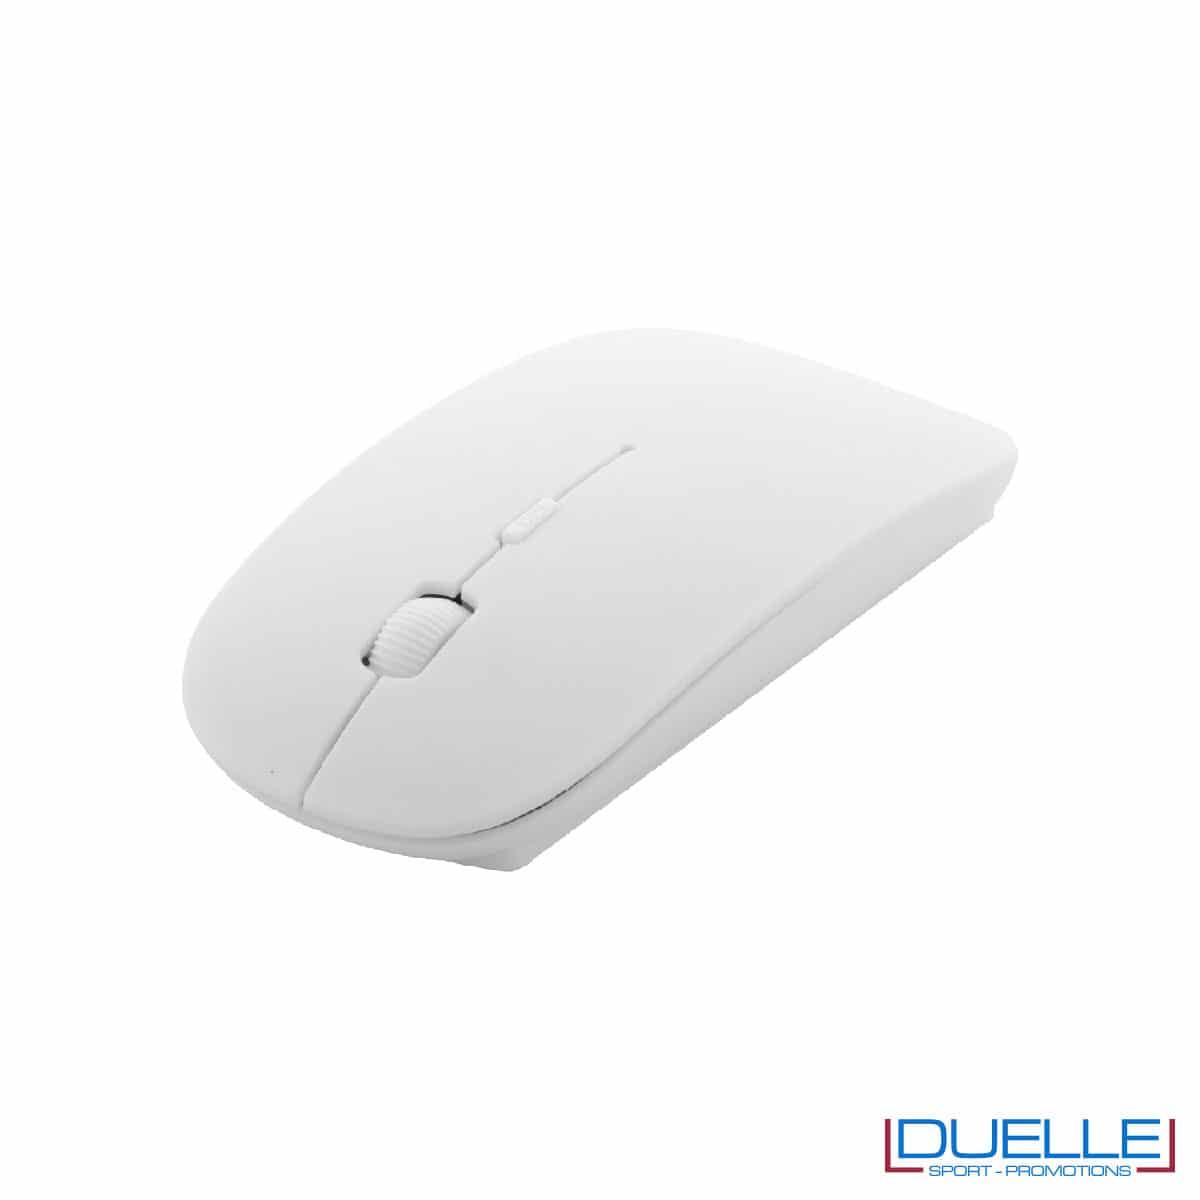 Mouse senza fili antibatterico personalizzato